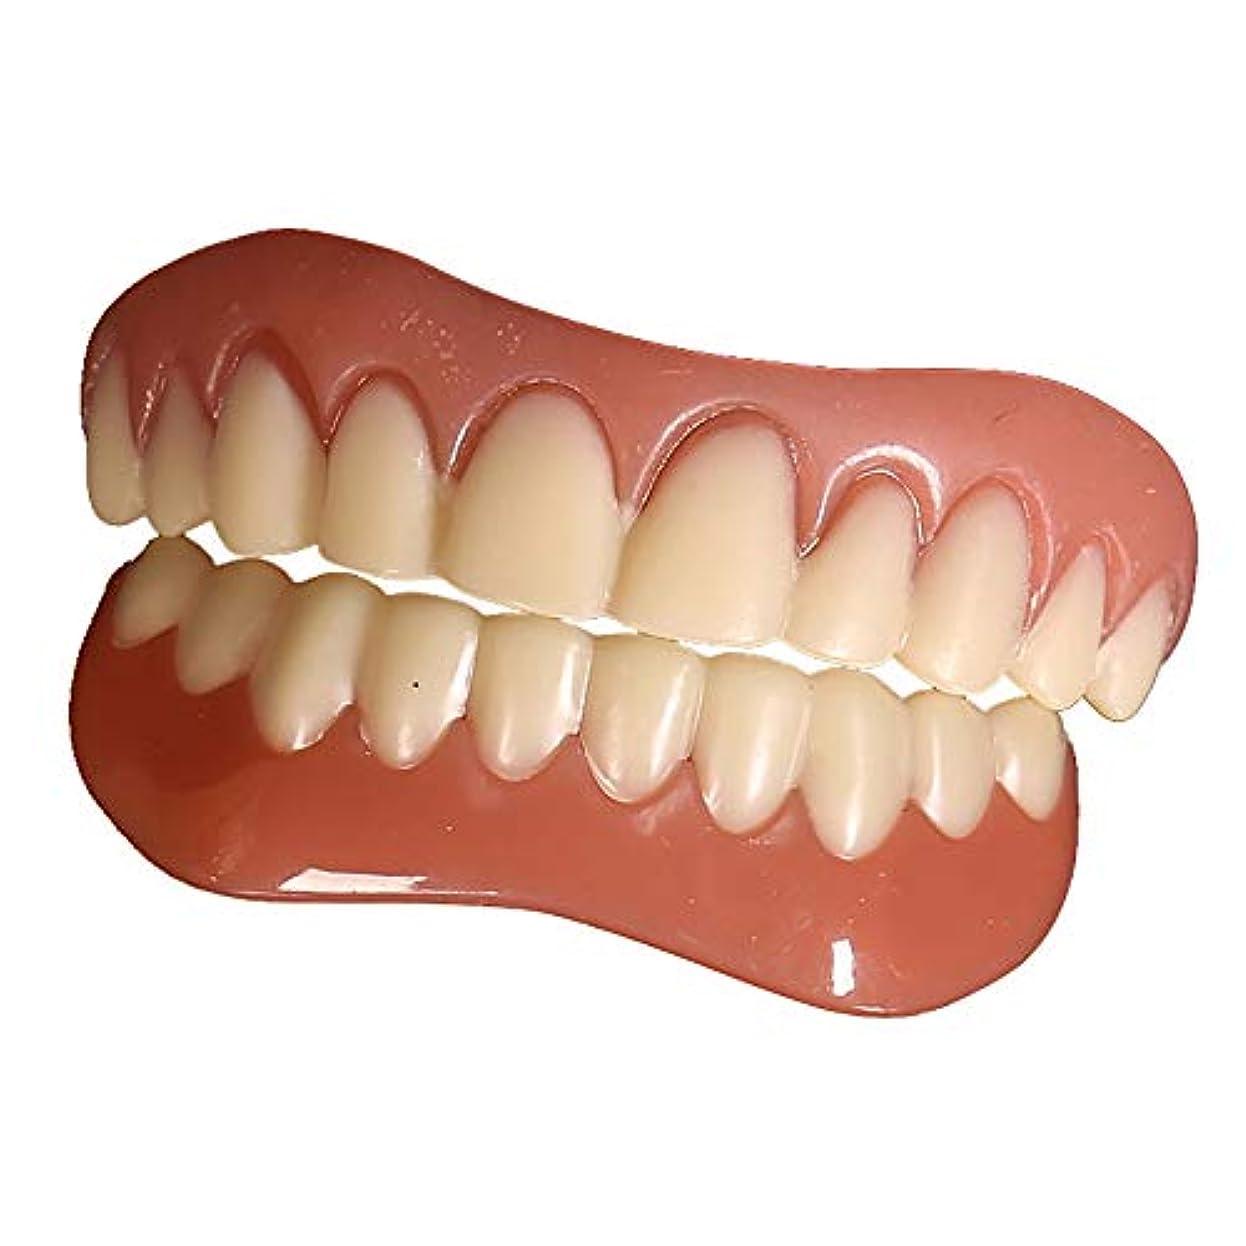 ほとんどの場合しっとり命令的パーフェクトインスタントスマイルティースベニアインスタント美容義歯上下歯2個入り(フリーサイズ(中)